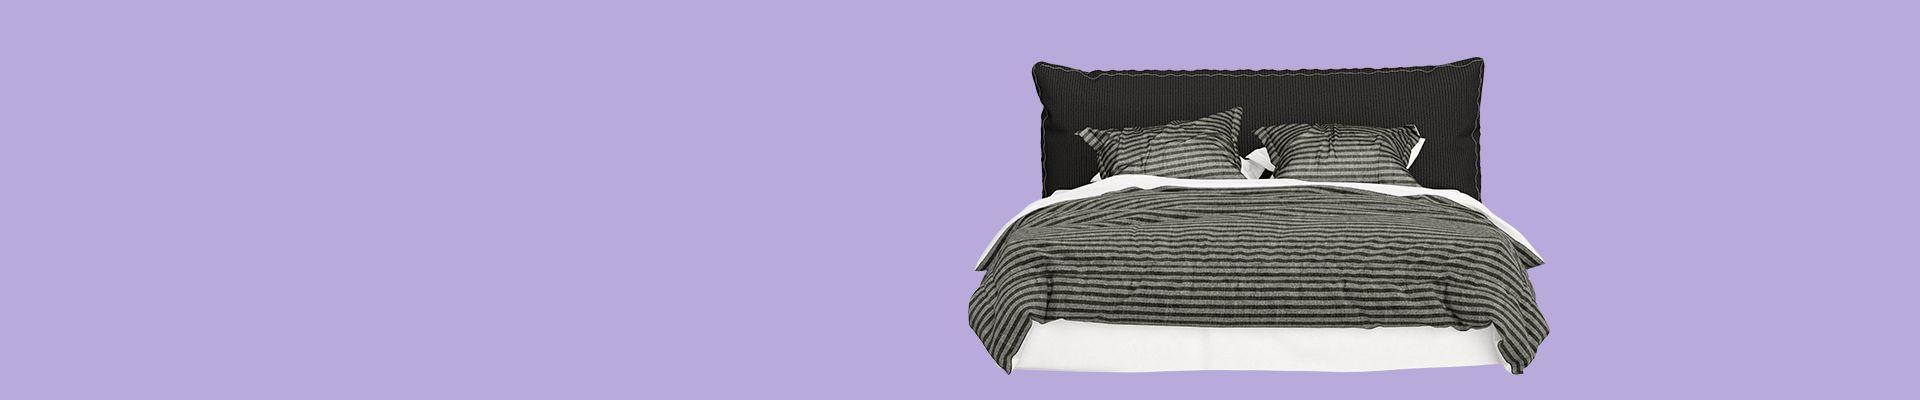 Beli perlengkapan kamar tidur, kamar tidur minimalis, dan lain-lain dengan murah dan berkualitas seperti kasur busa, bed cover, sprei serta selimut dan springbed Anda di KindleCup, belanja nyaman, jaminan uang kembali, dan pengiriman cepat.